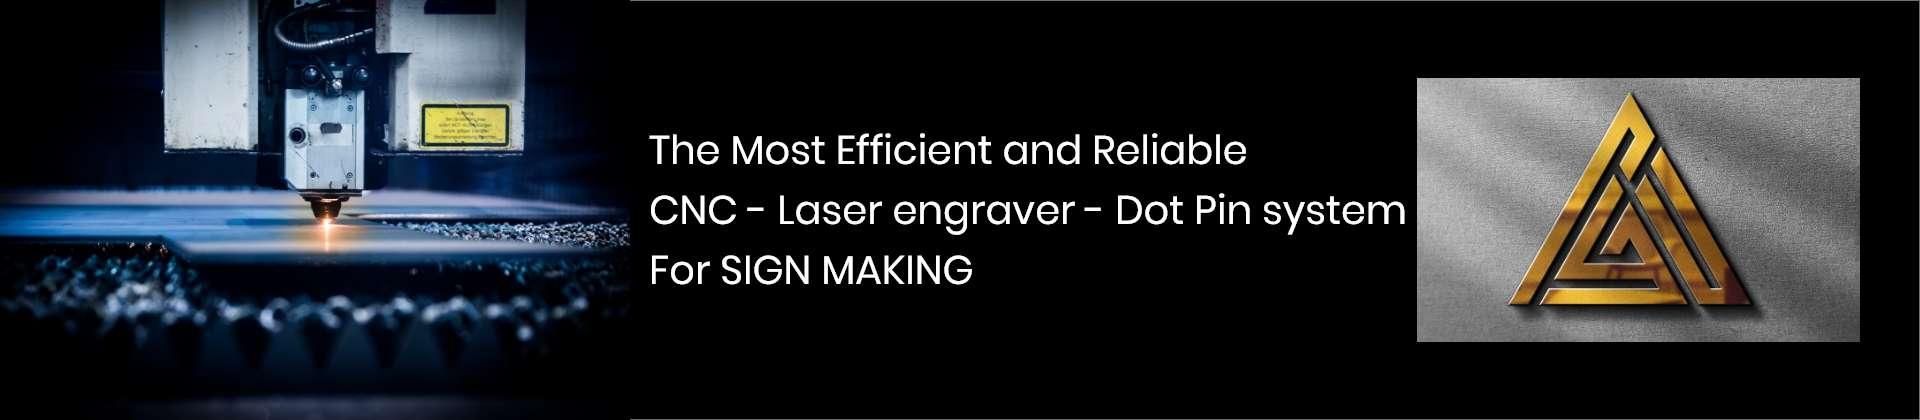 sign making cnc laser engraver